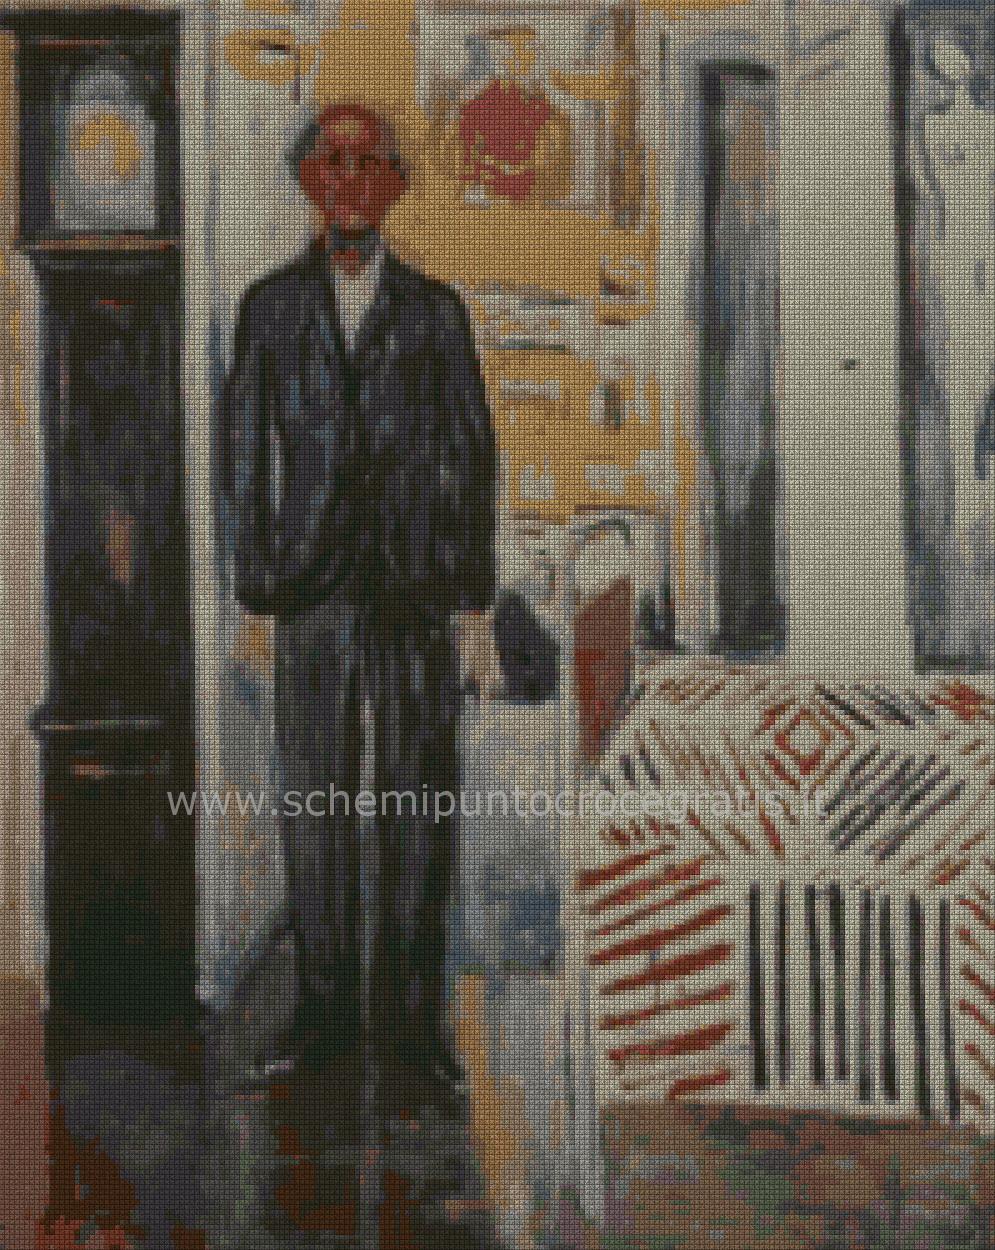 pittori_moderni/munch/Munch03.jpg